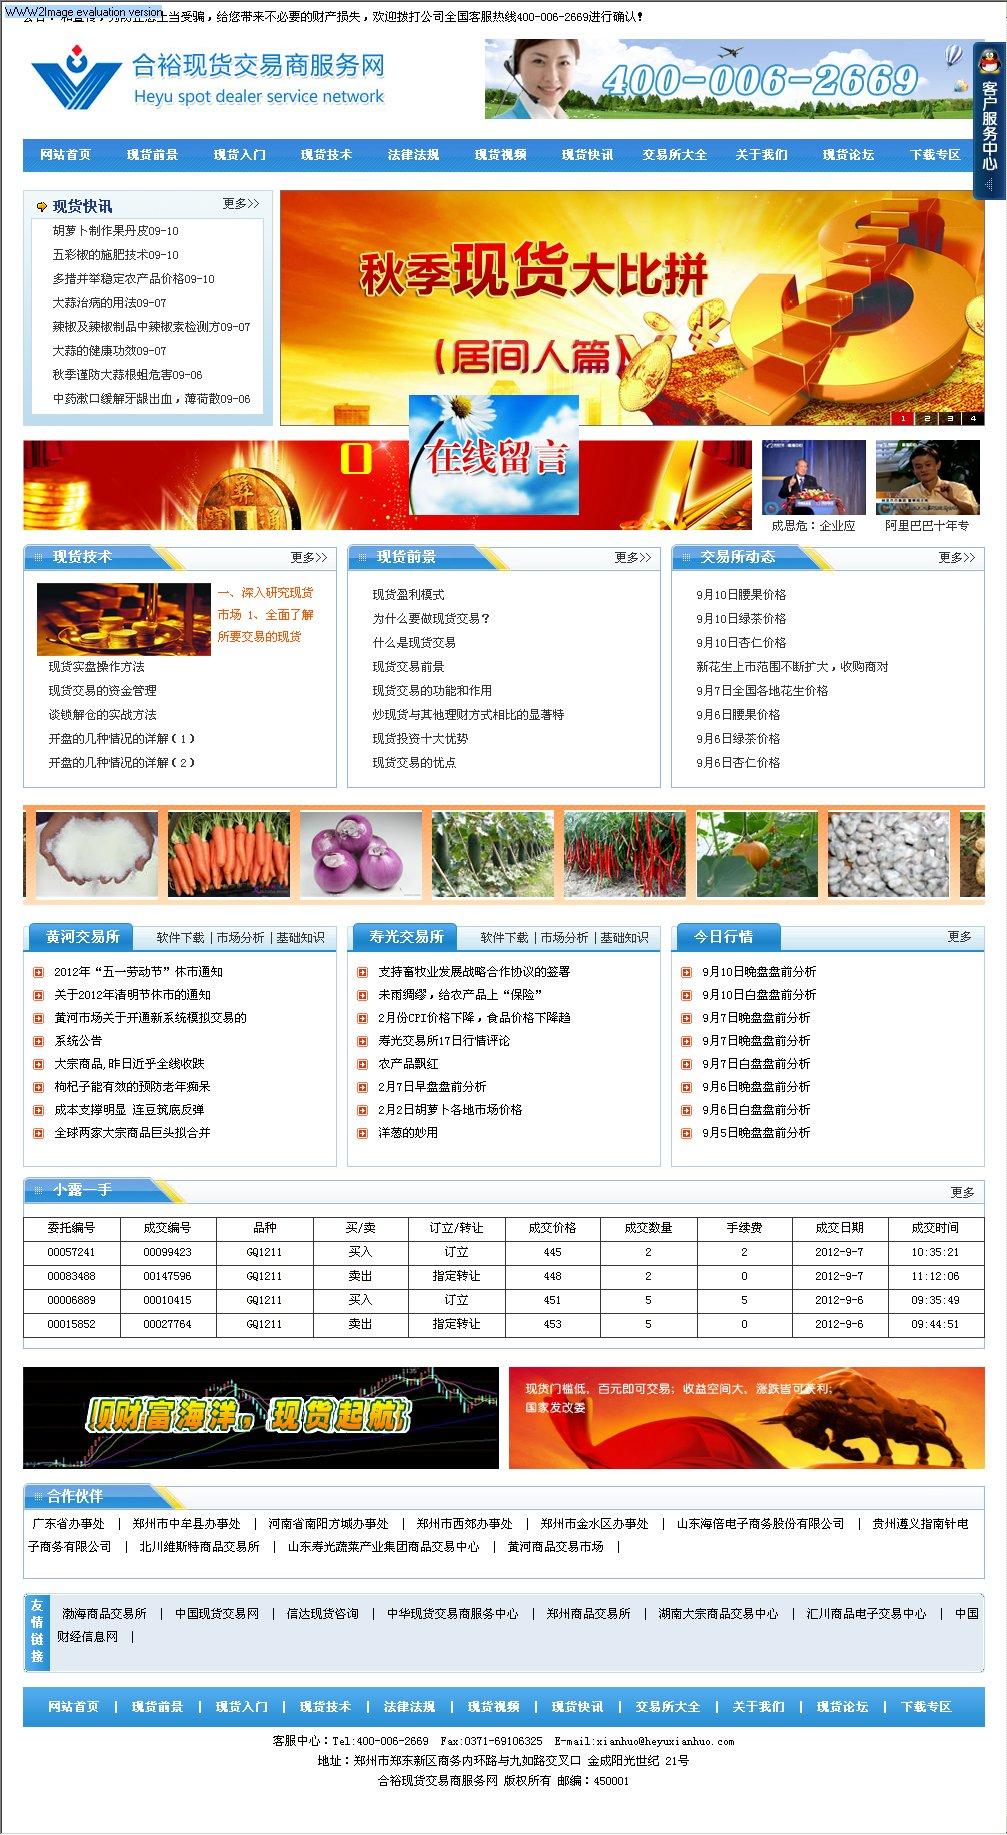 合裕现货交易商服务网.jpg